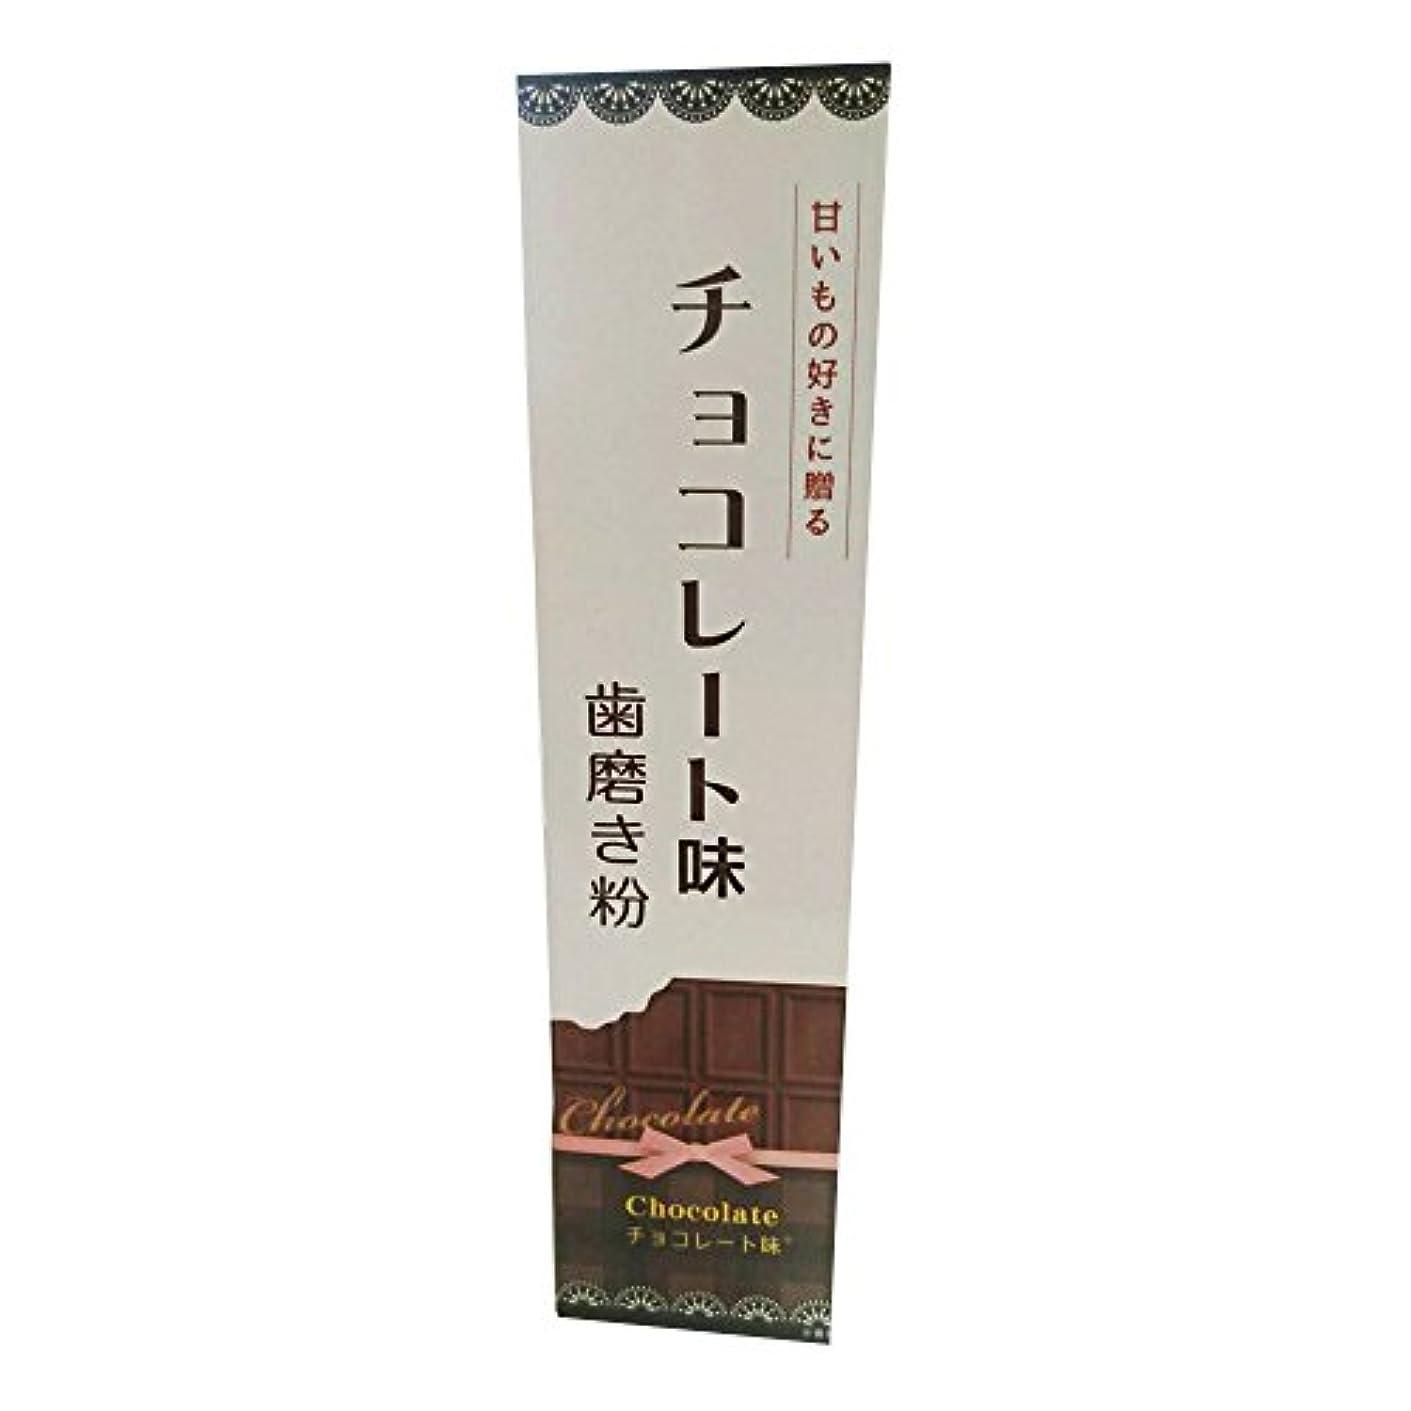 舞い上がる風景ハウジングフレーバー歯磨き粉チョコレート味 70g